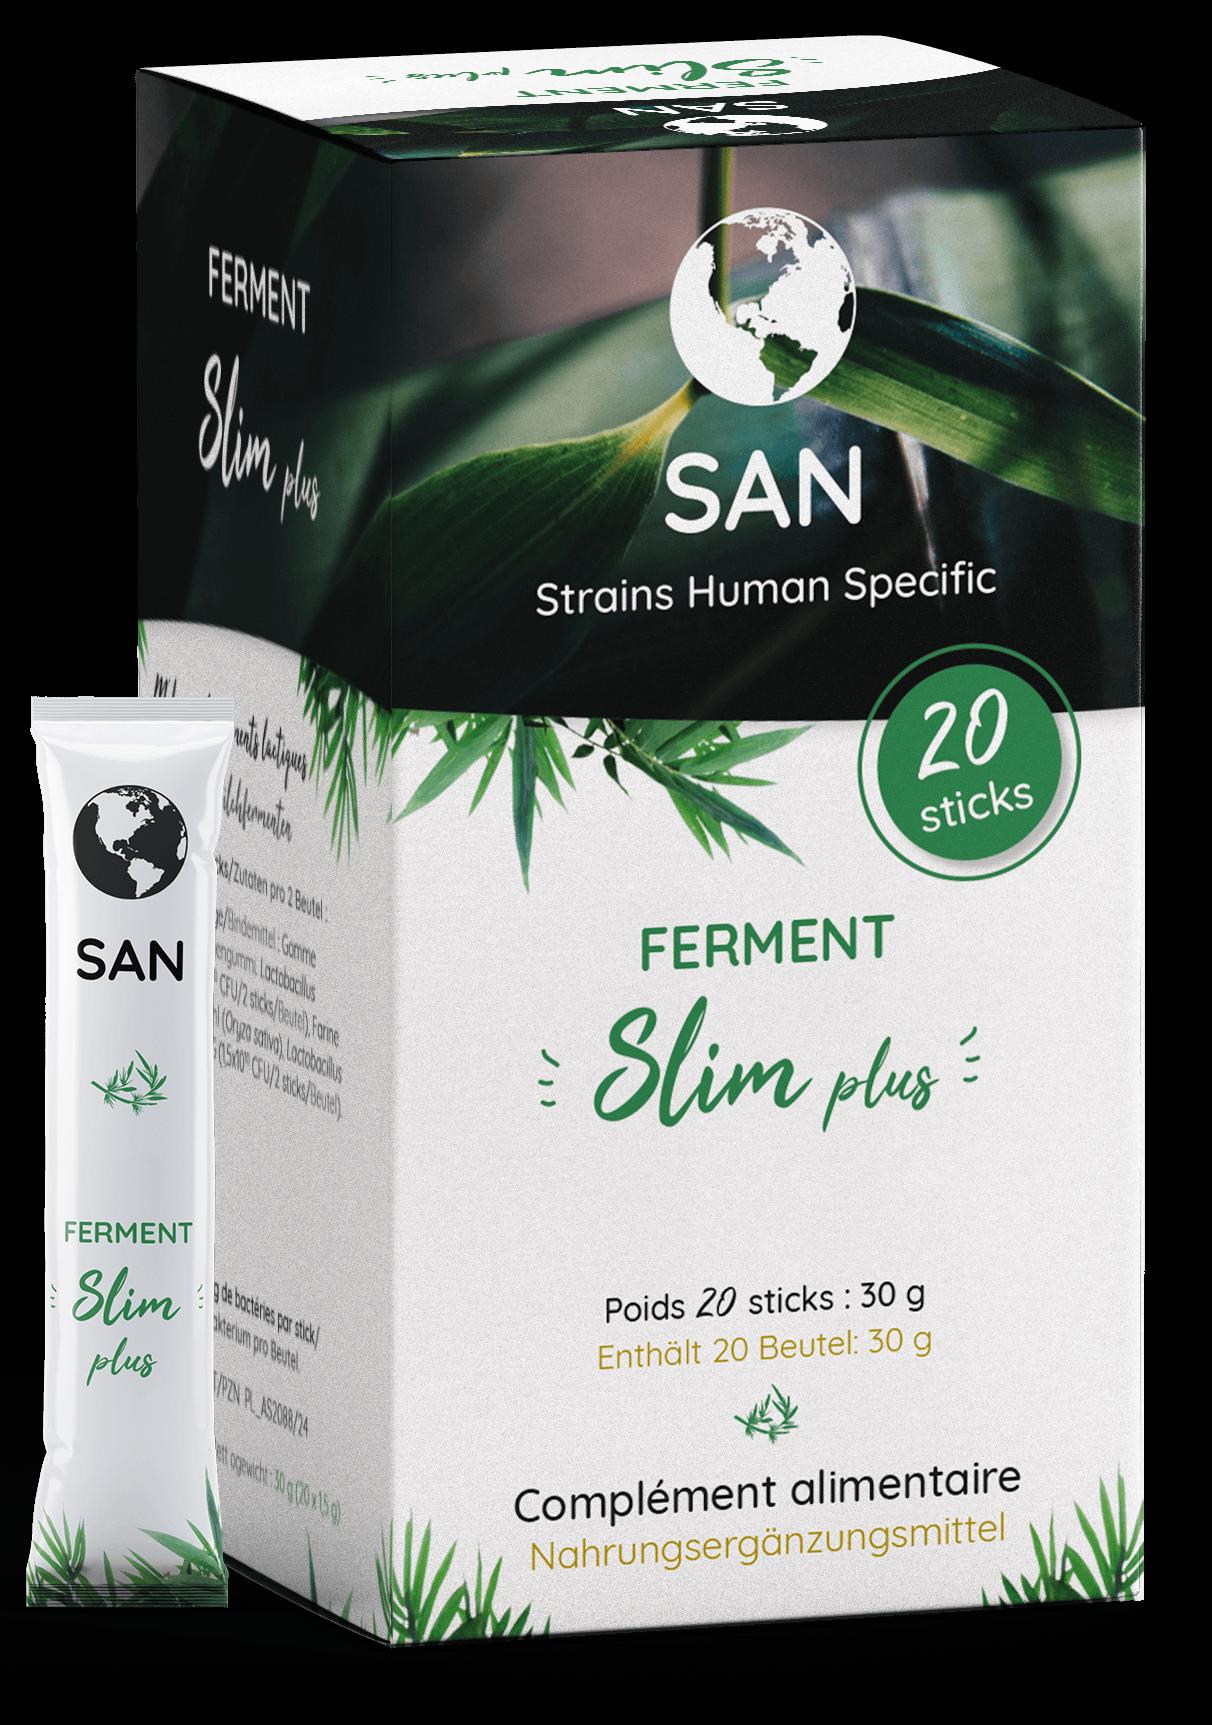 Ferment Slim plus - complément alimentaire